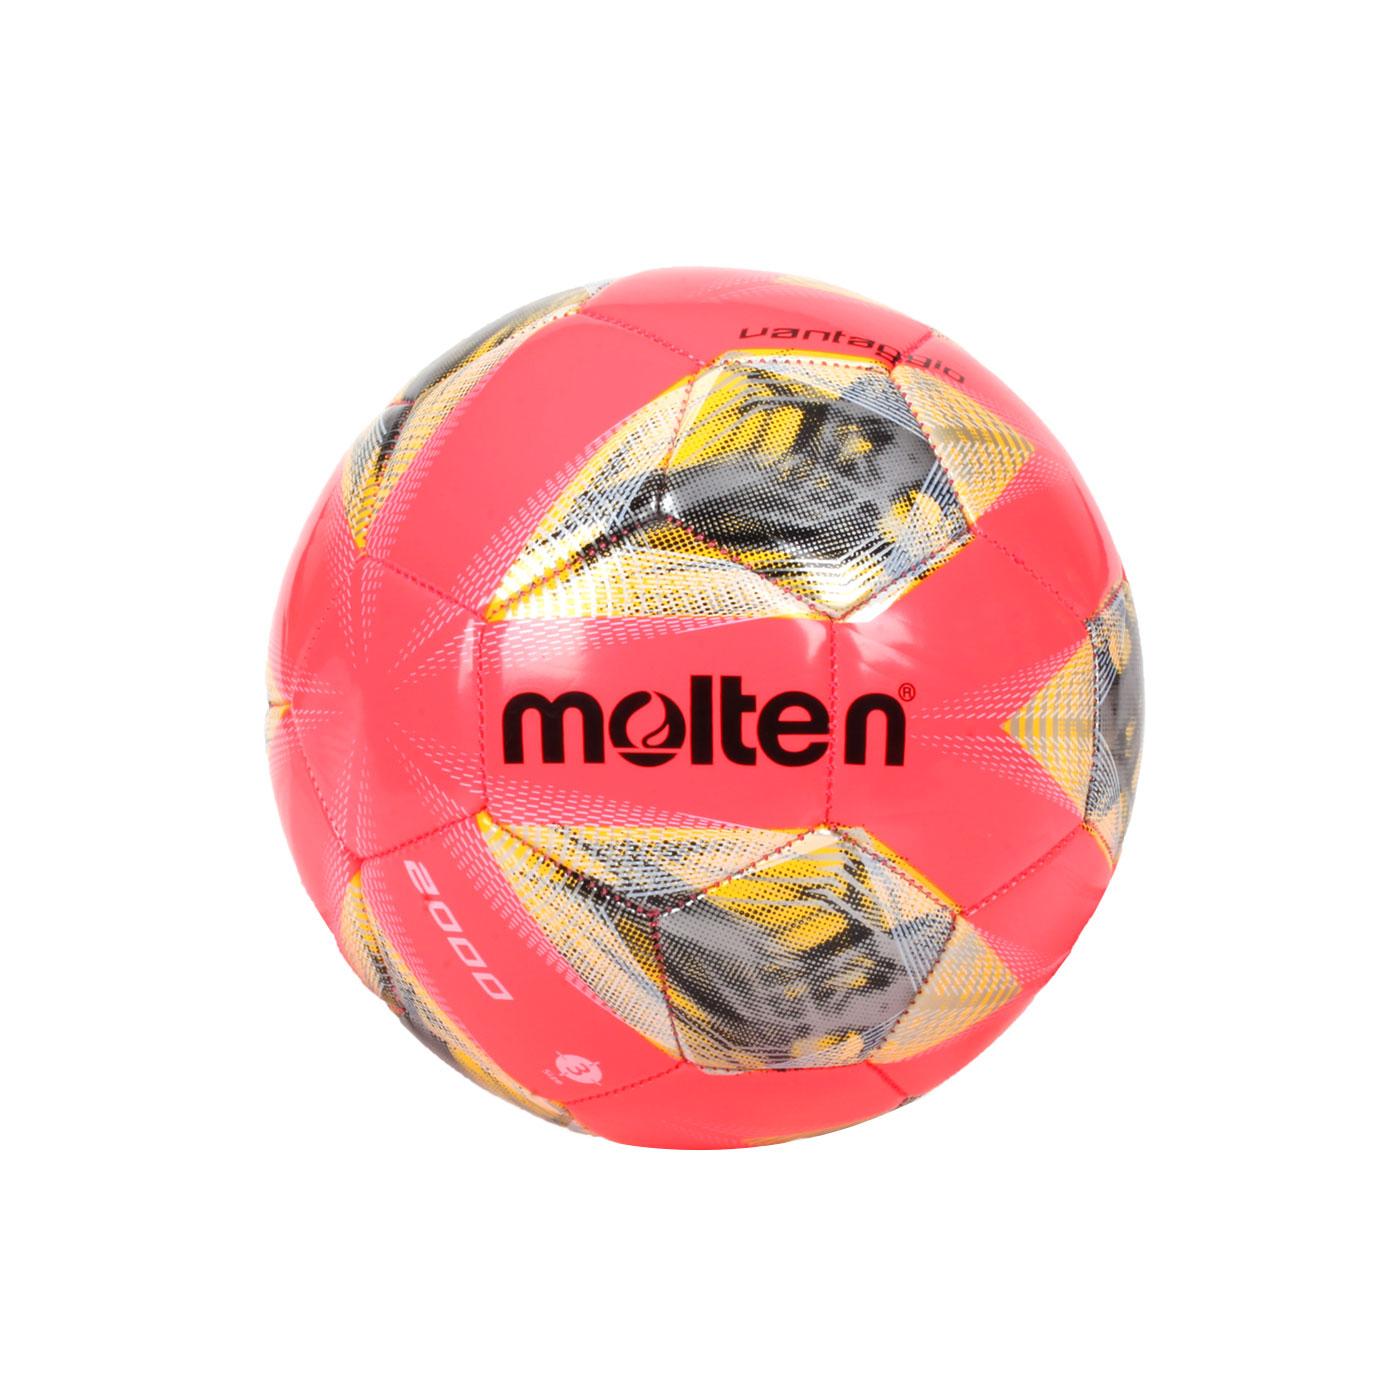 Molten #3合成皮足球 F3A2000-RY - 螢光粉黃銀